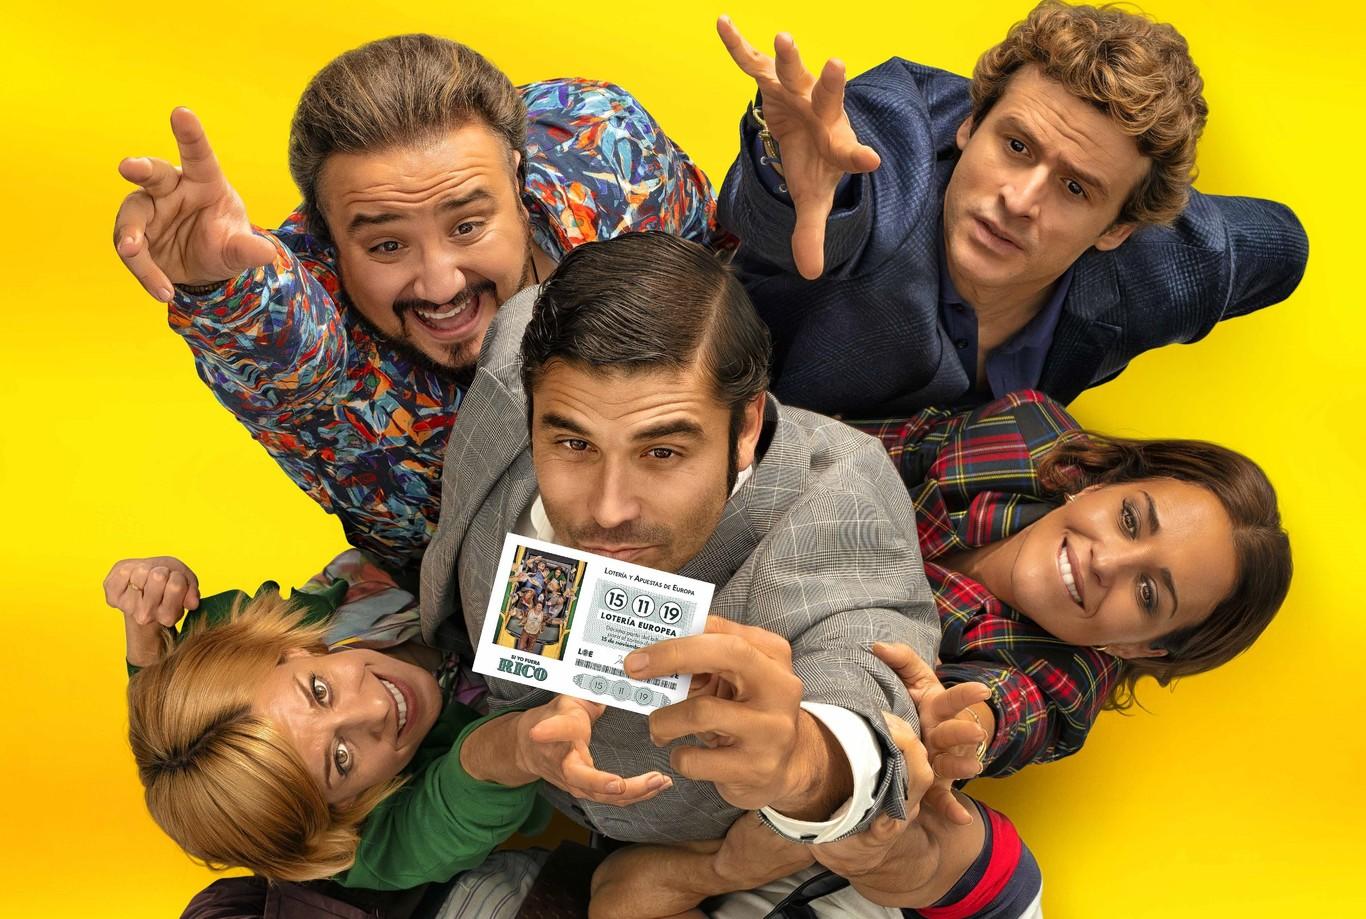 Si Yo Fuera Rico 2019 Critica Una Discreta Comedia Que Sigue La Misma Fórmula De Algunos De Los últimos Grandes éxitos Del Cine Español